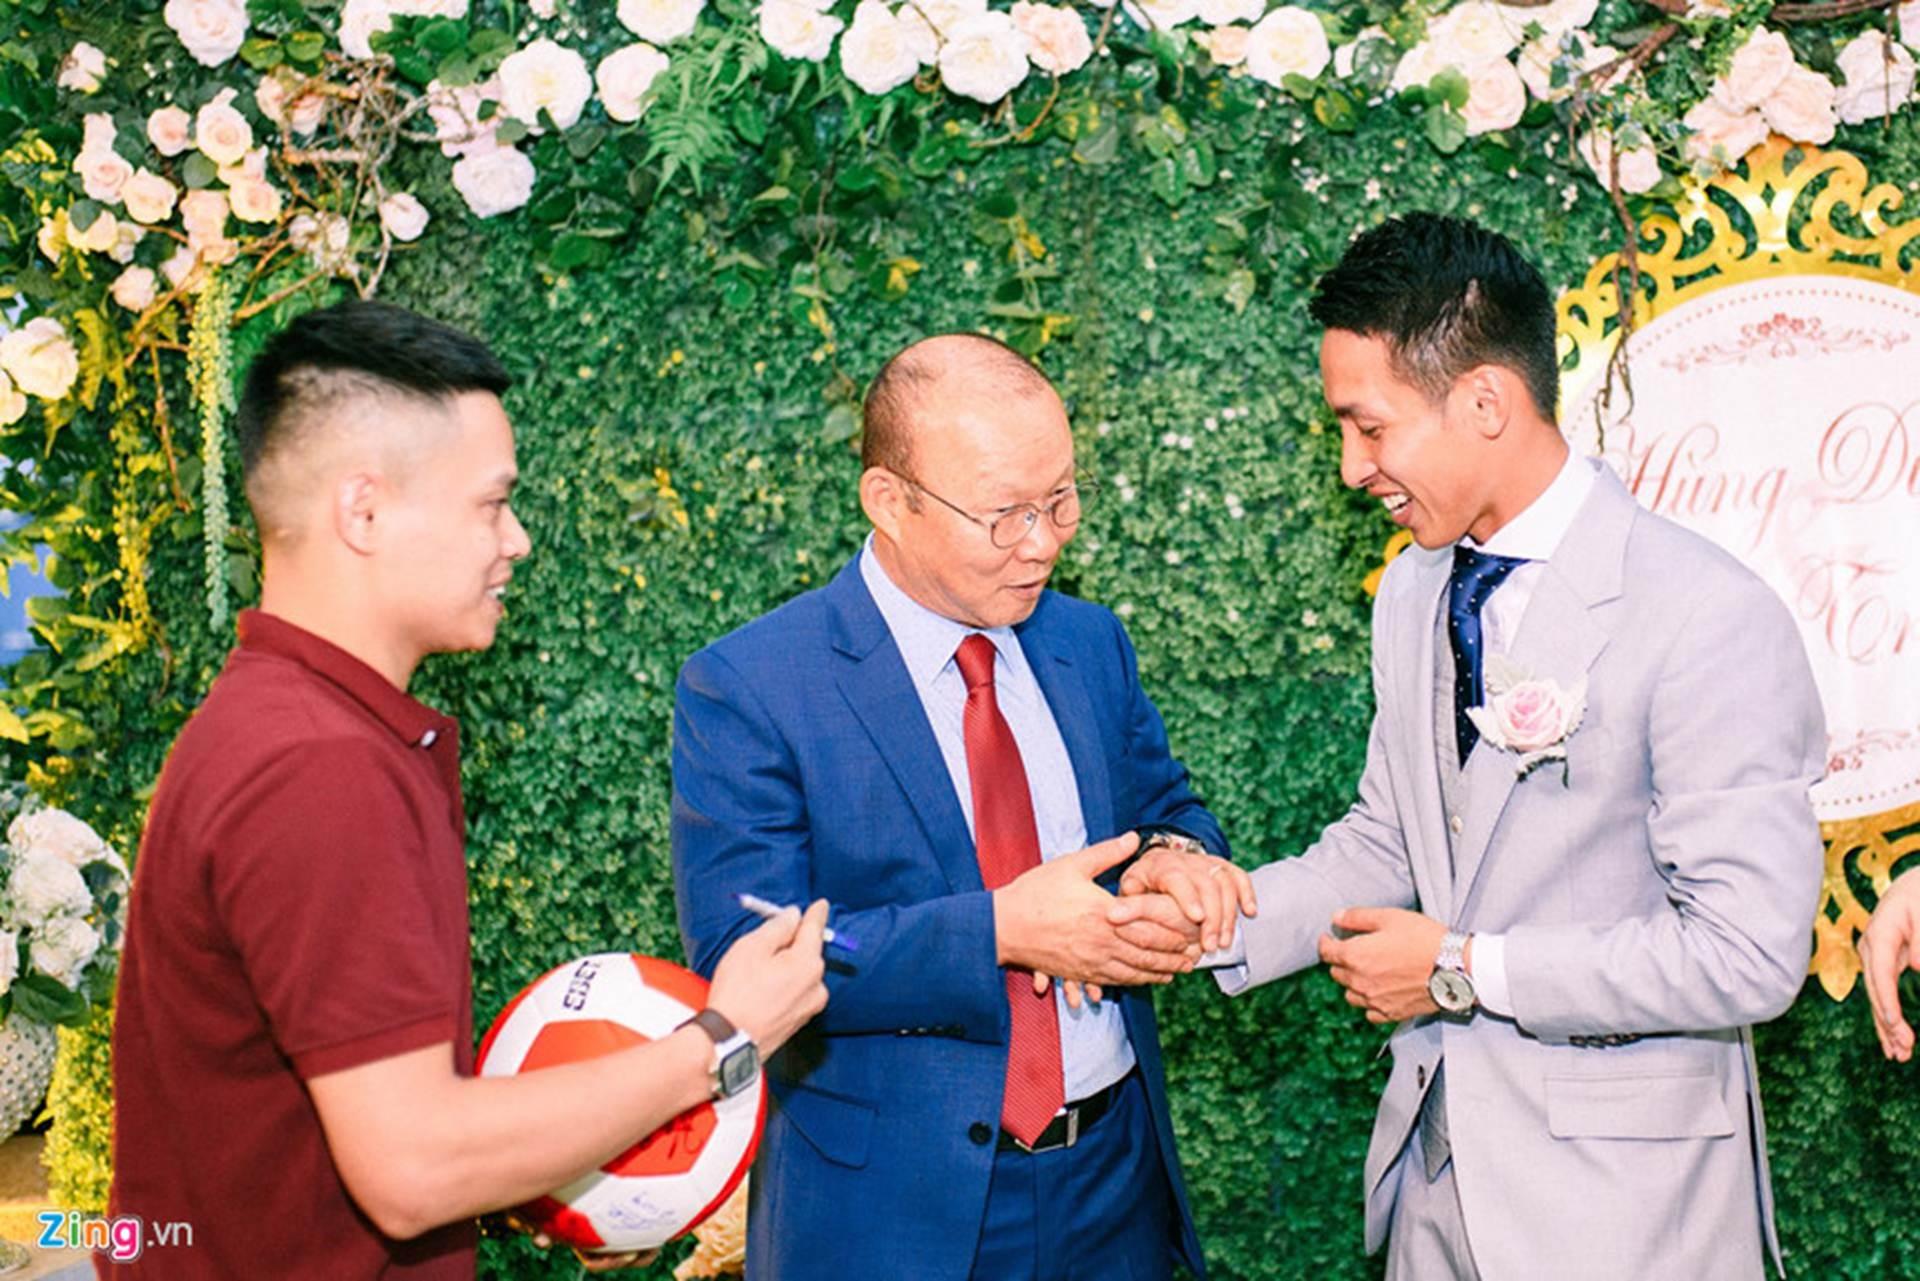 Thầy Park được 2 nhân viên bảo vệ theo sát tại lễ cưới Đỗ Hùng Dũng-3